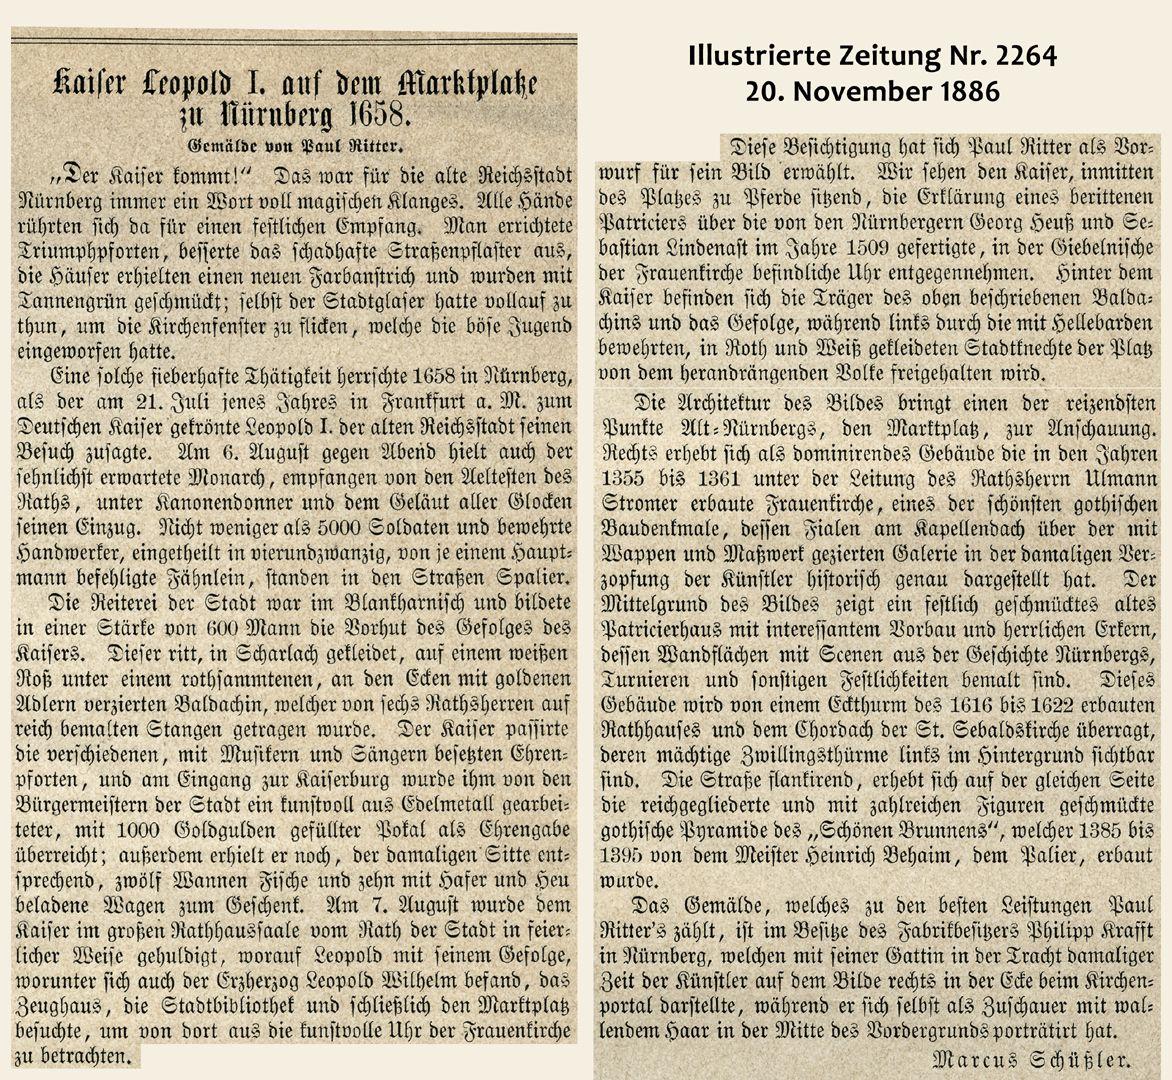 Marktplatz in Nürnberg mit Einzug Kaiser Leopolds 1658 Beschreibung zum Holzstich in der Illustrierten Zeitung 1886